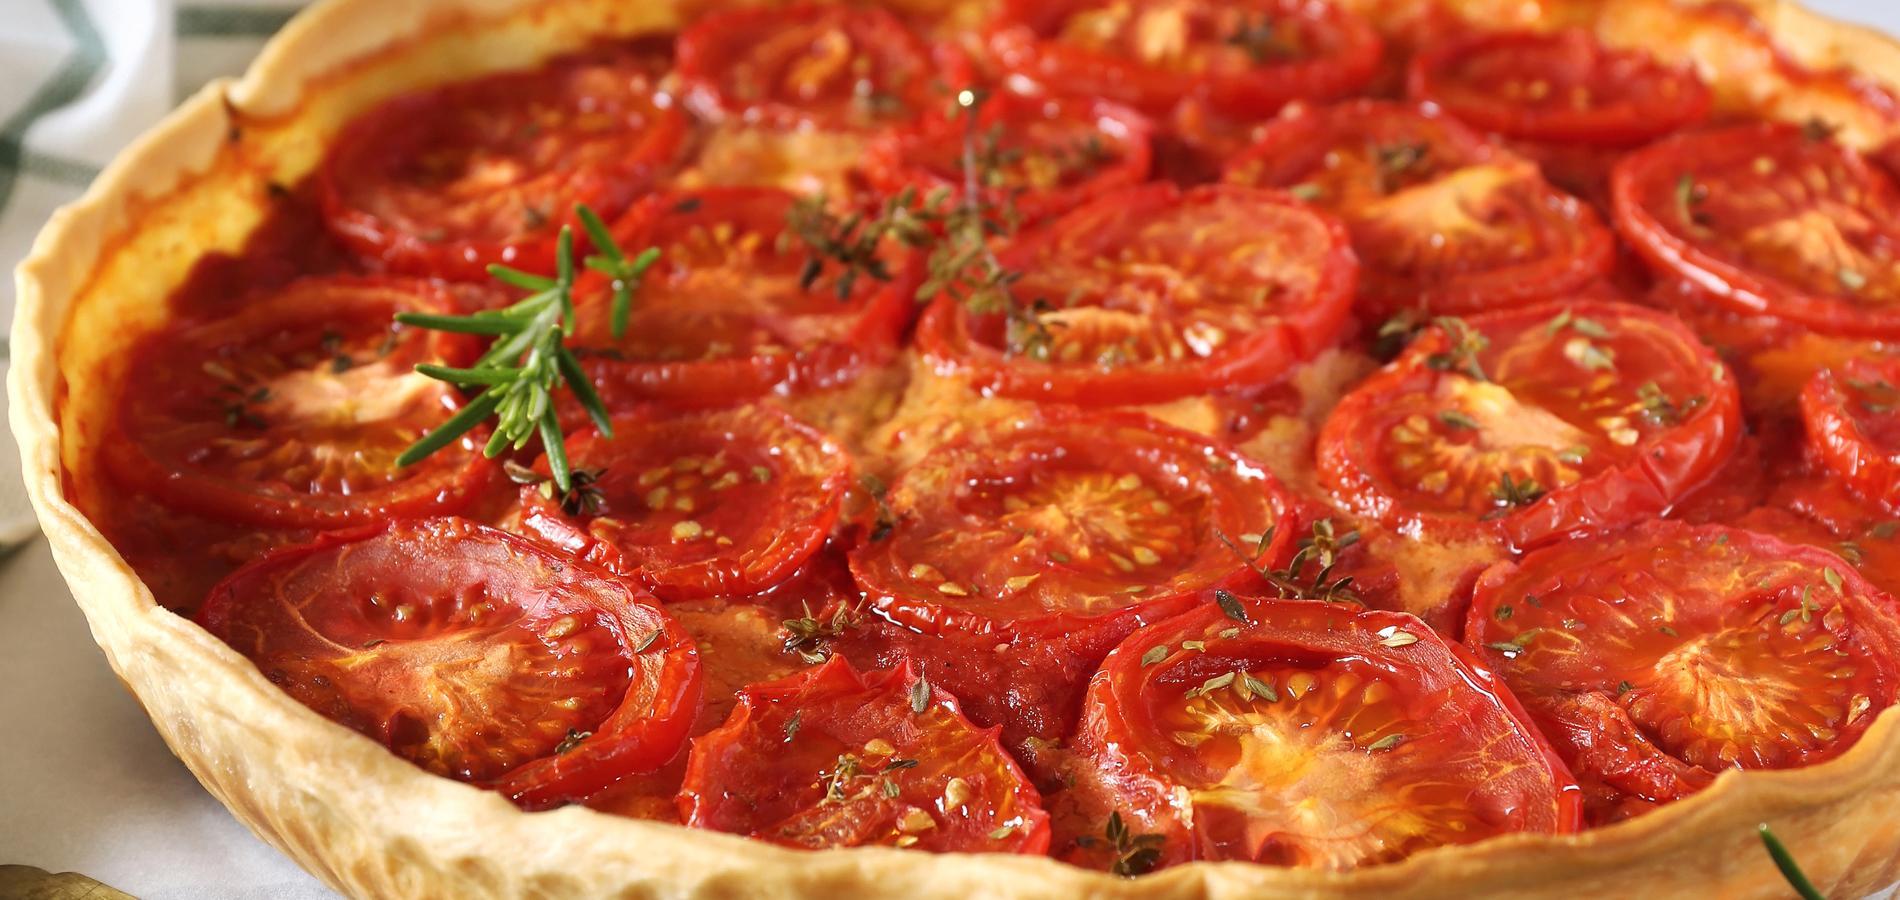 Vingt cinq recettes gourmandes pour cuisiner la tomate tout l 39 t cuisine madame figaro - Cuisiner les tomates sechees ...